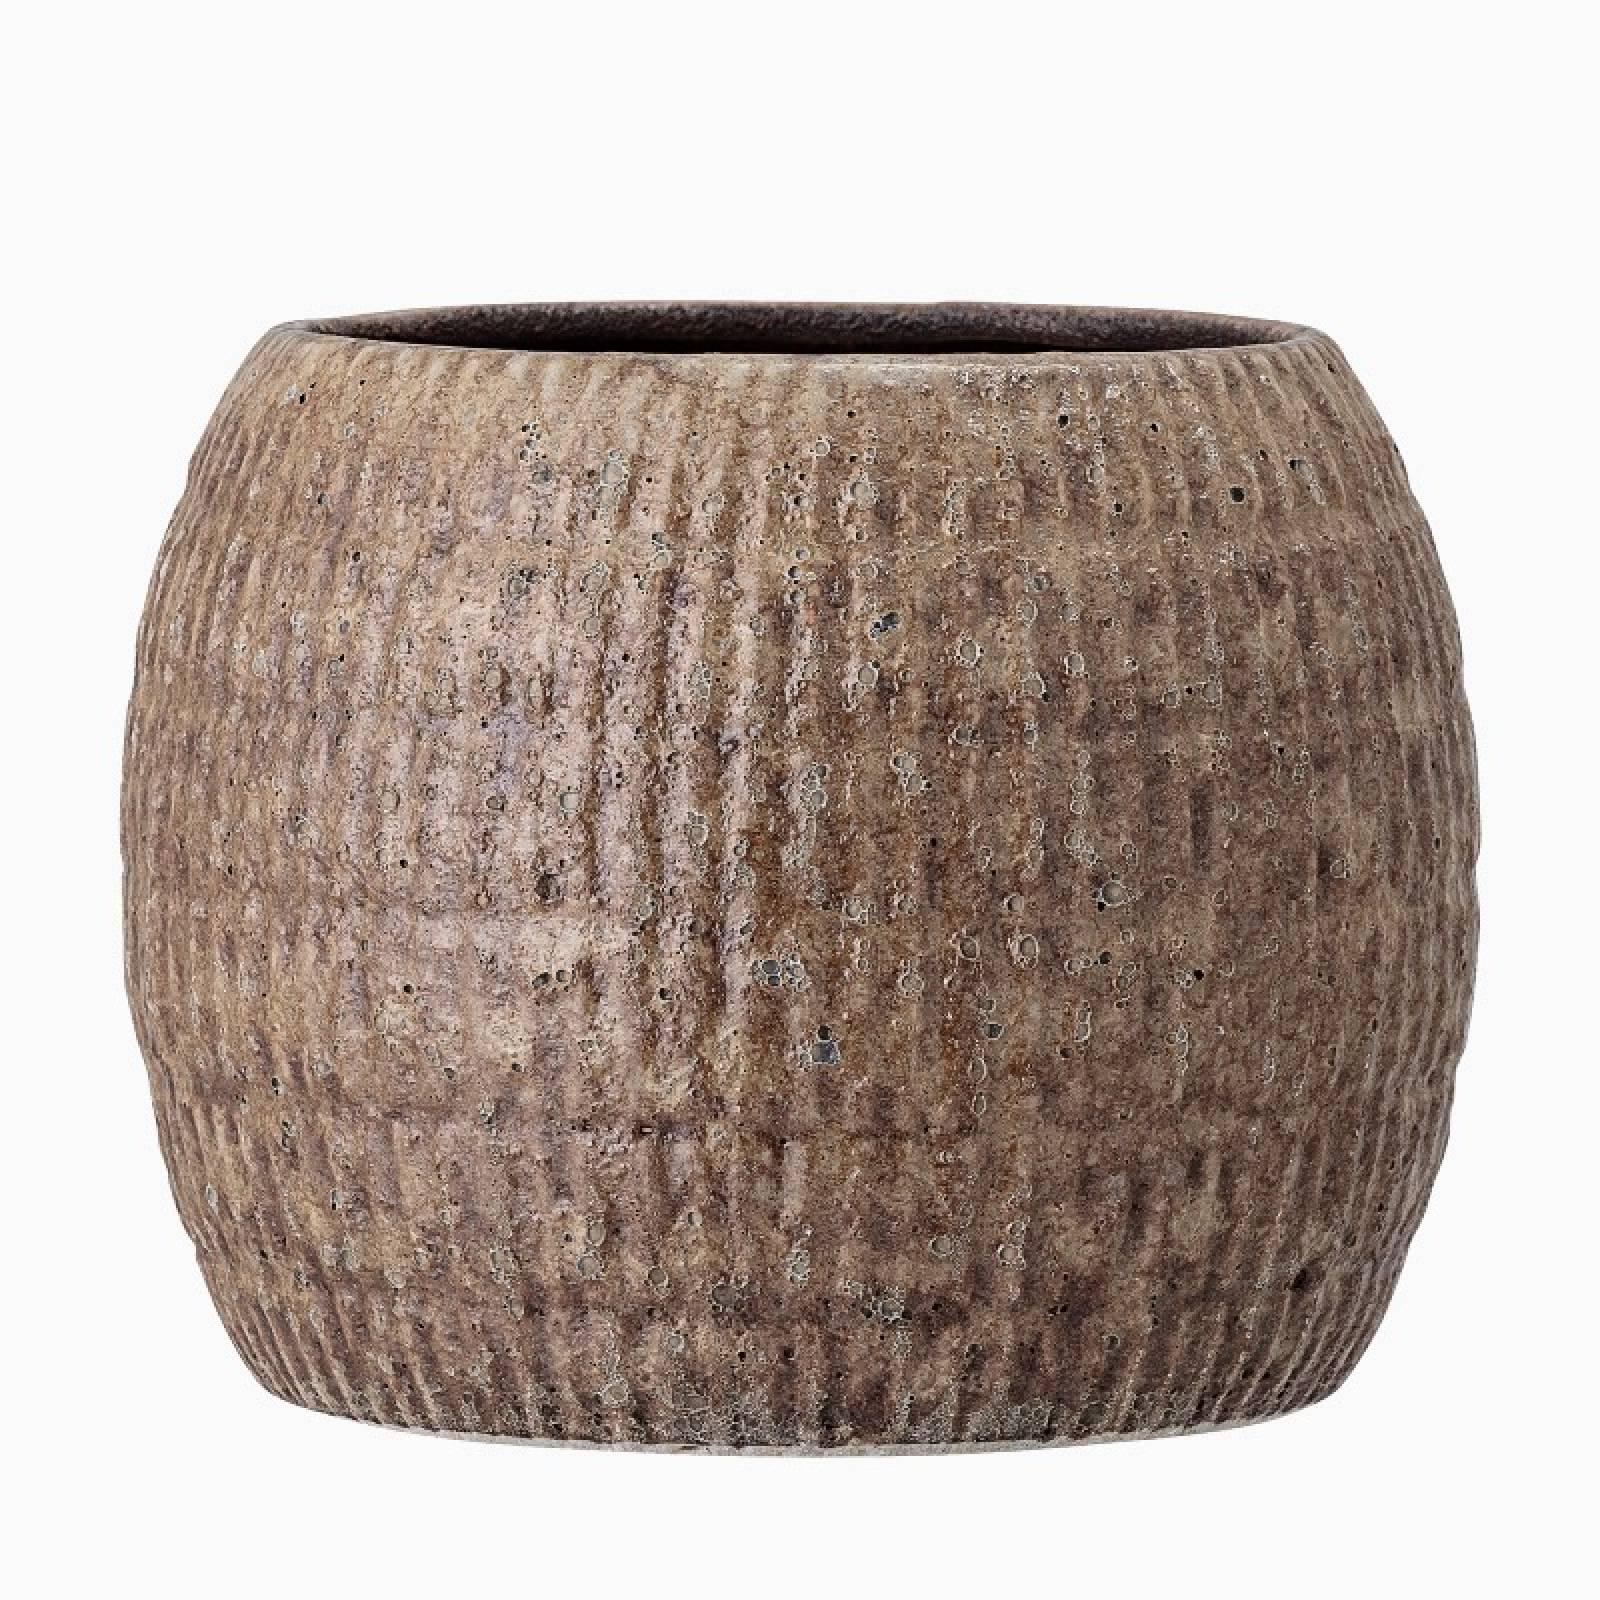 Brown & Beige Stoneware Textured Flower Pot